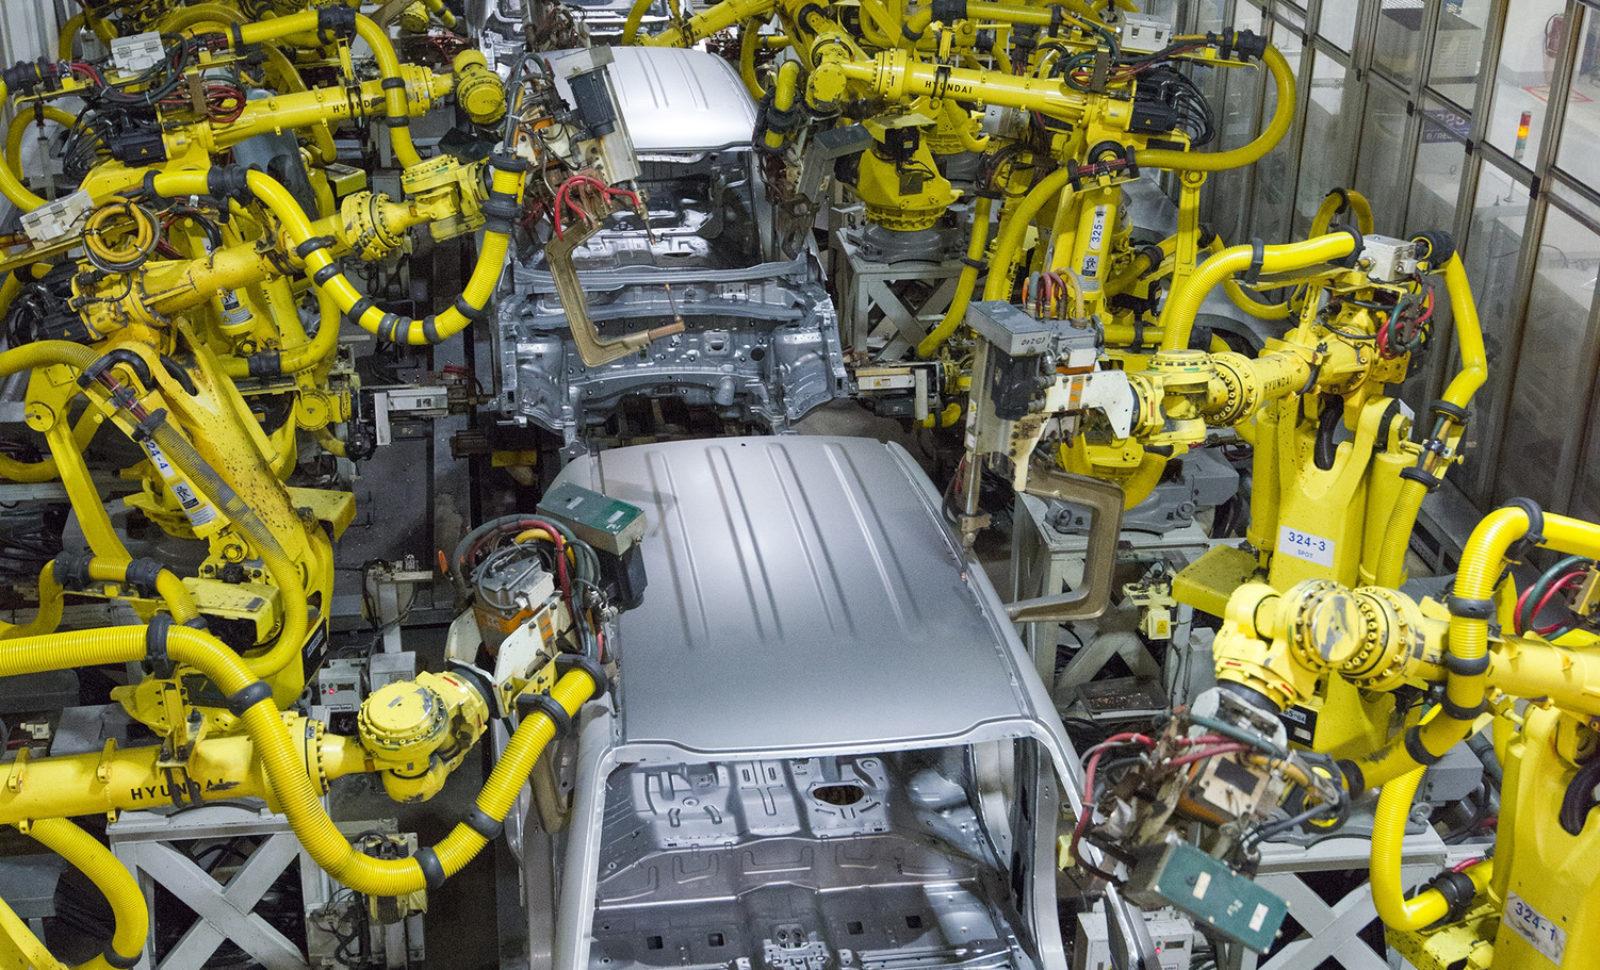 cargo-partner lieferte Teile einer neuen Kia-Produktionsanlage aus